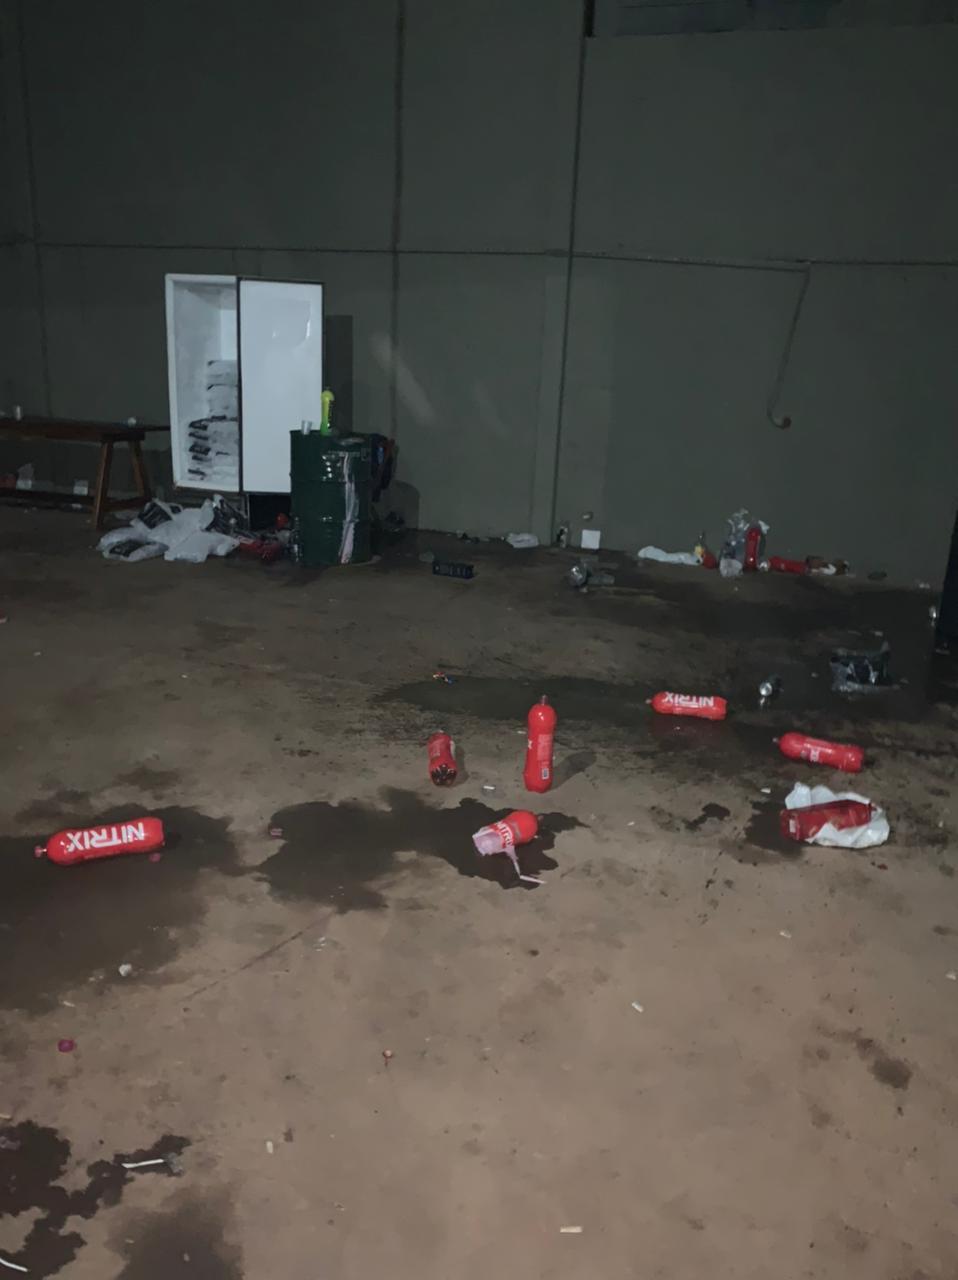 Participantes da festa fugiram quando a Guarda Municipal chegou. - Guarda Municipal/Divulgação/ND